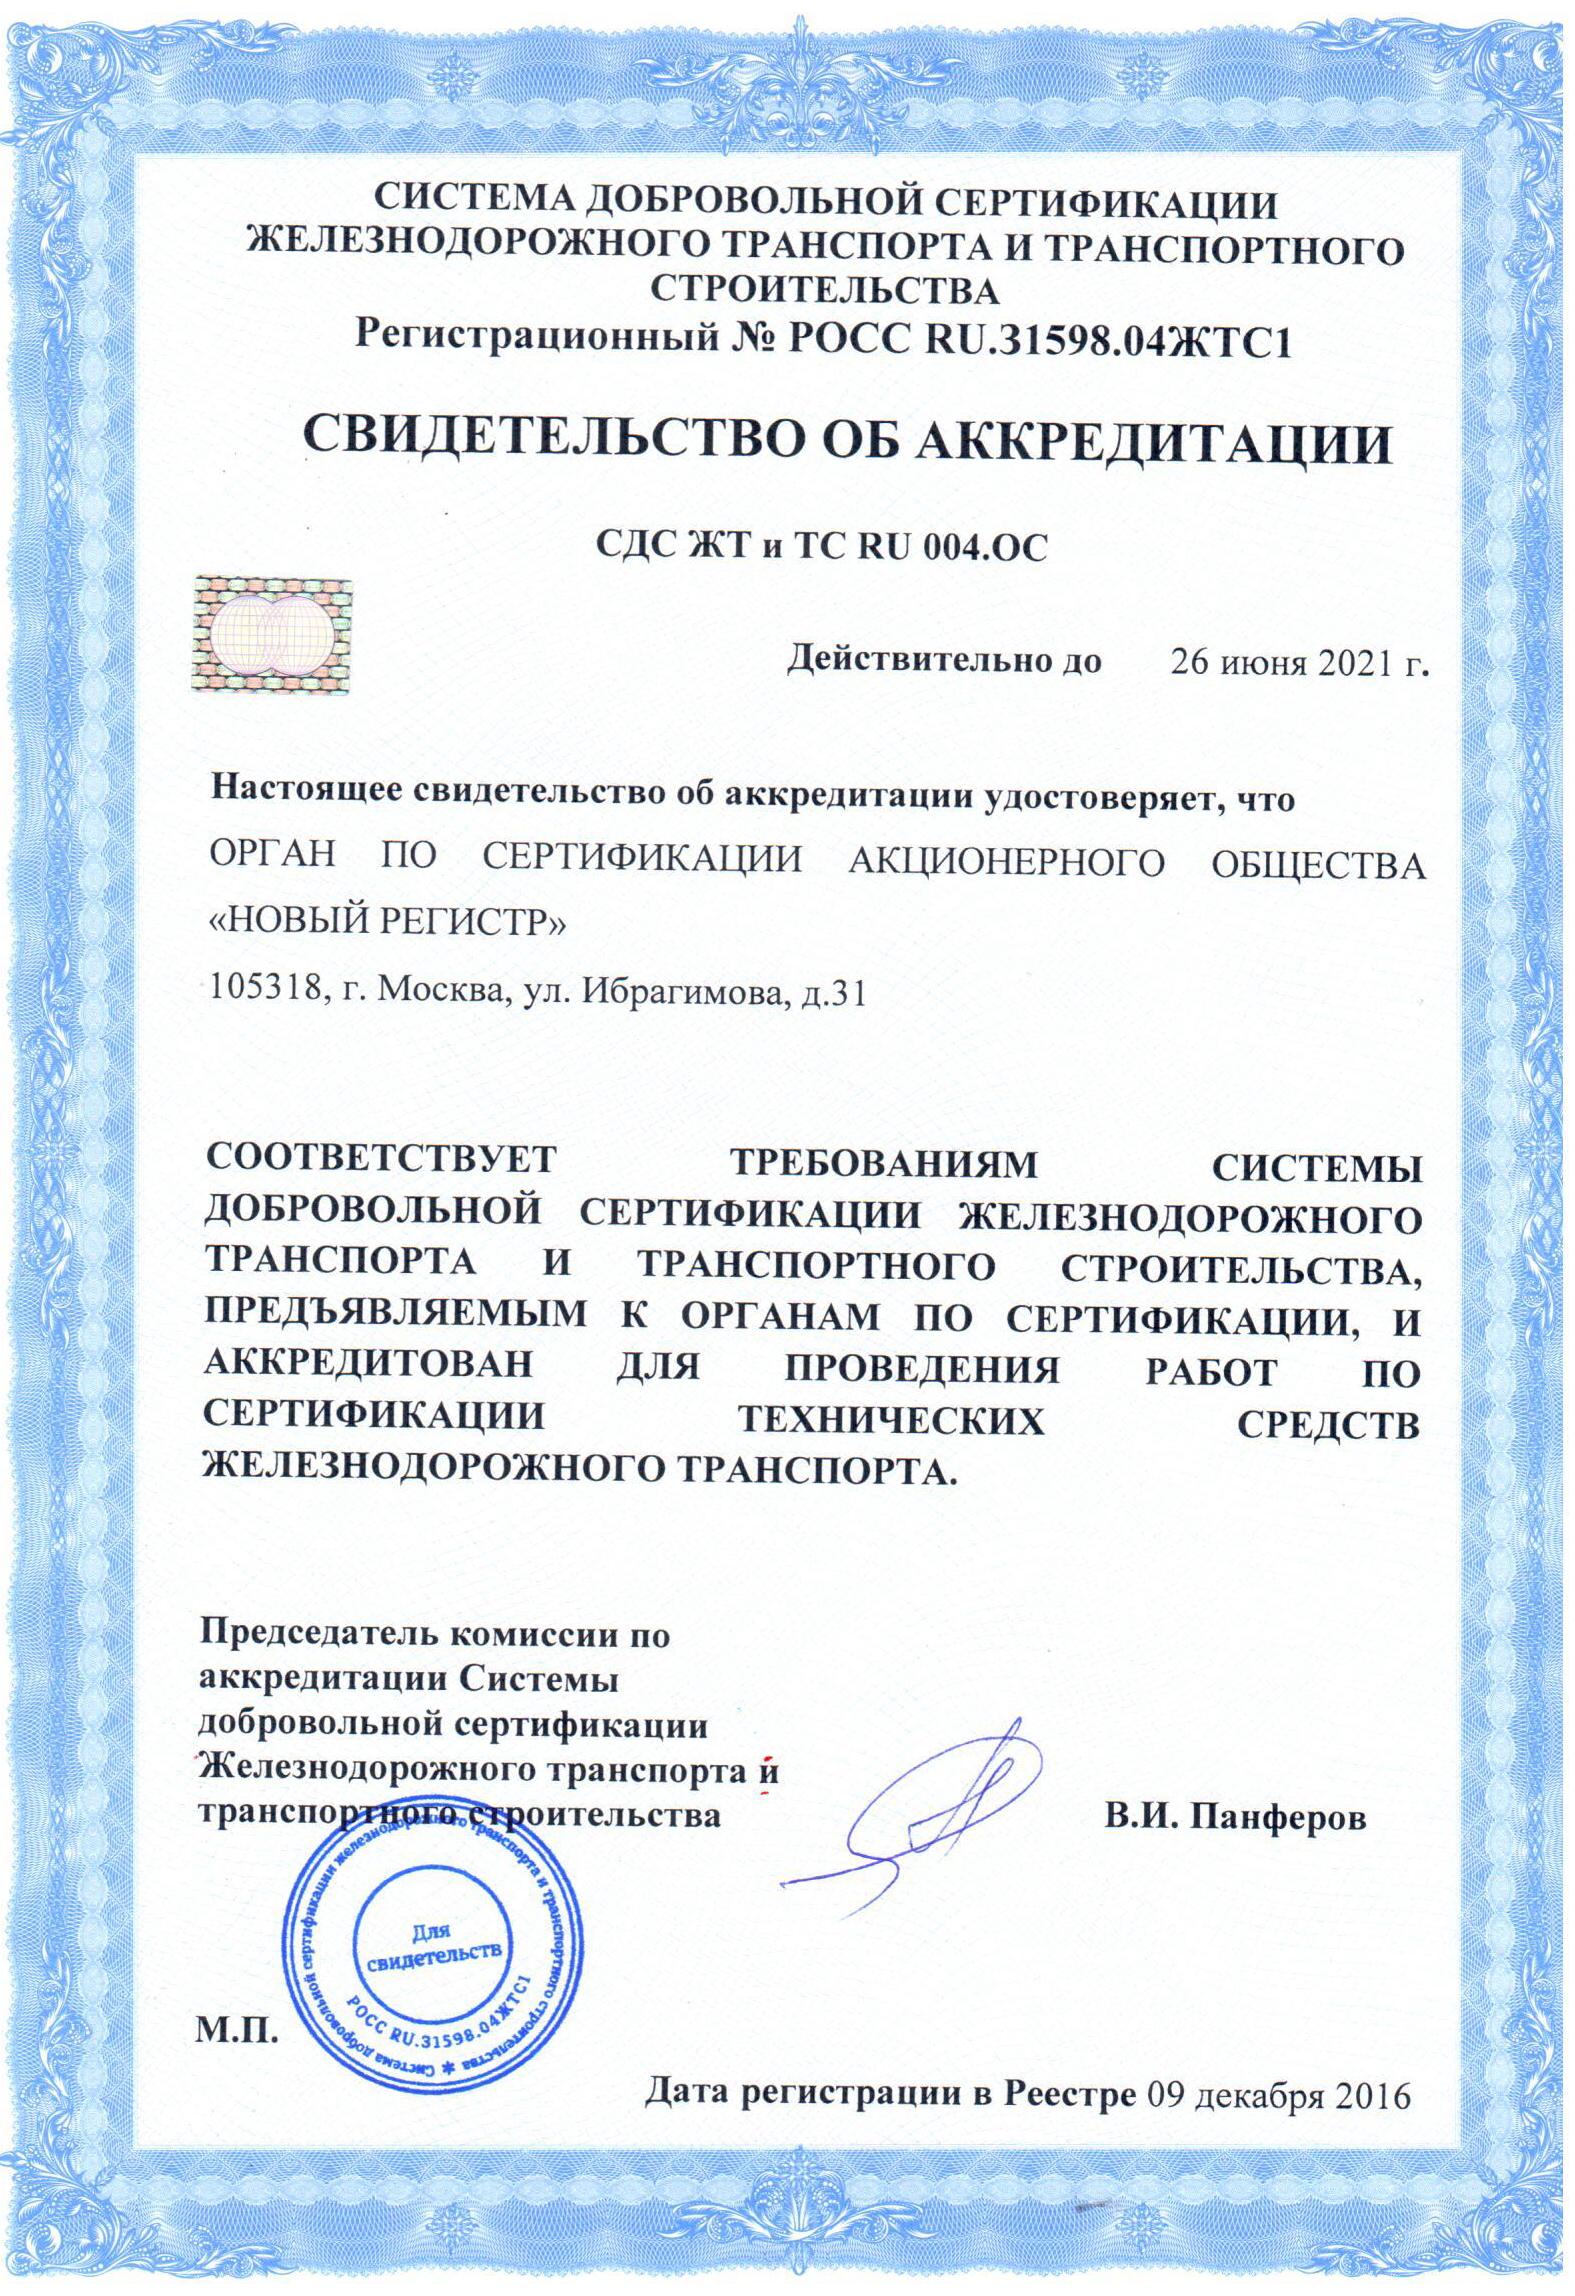 Свидетельство СДС ЖТ и ТС RU 004 ОС